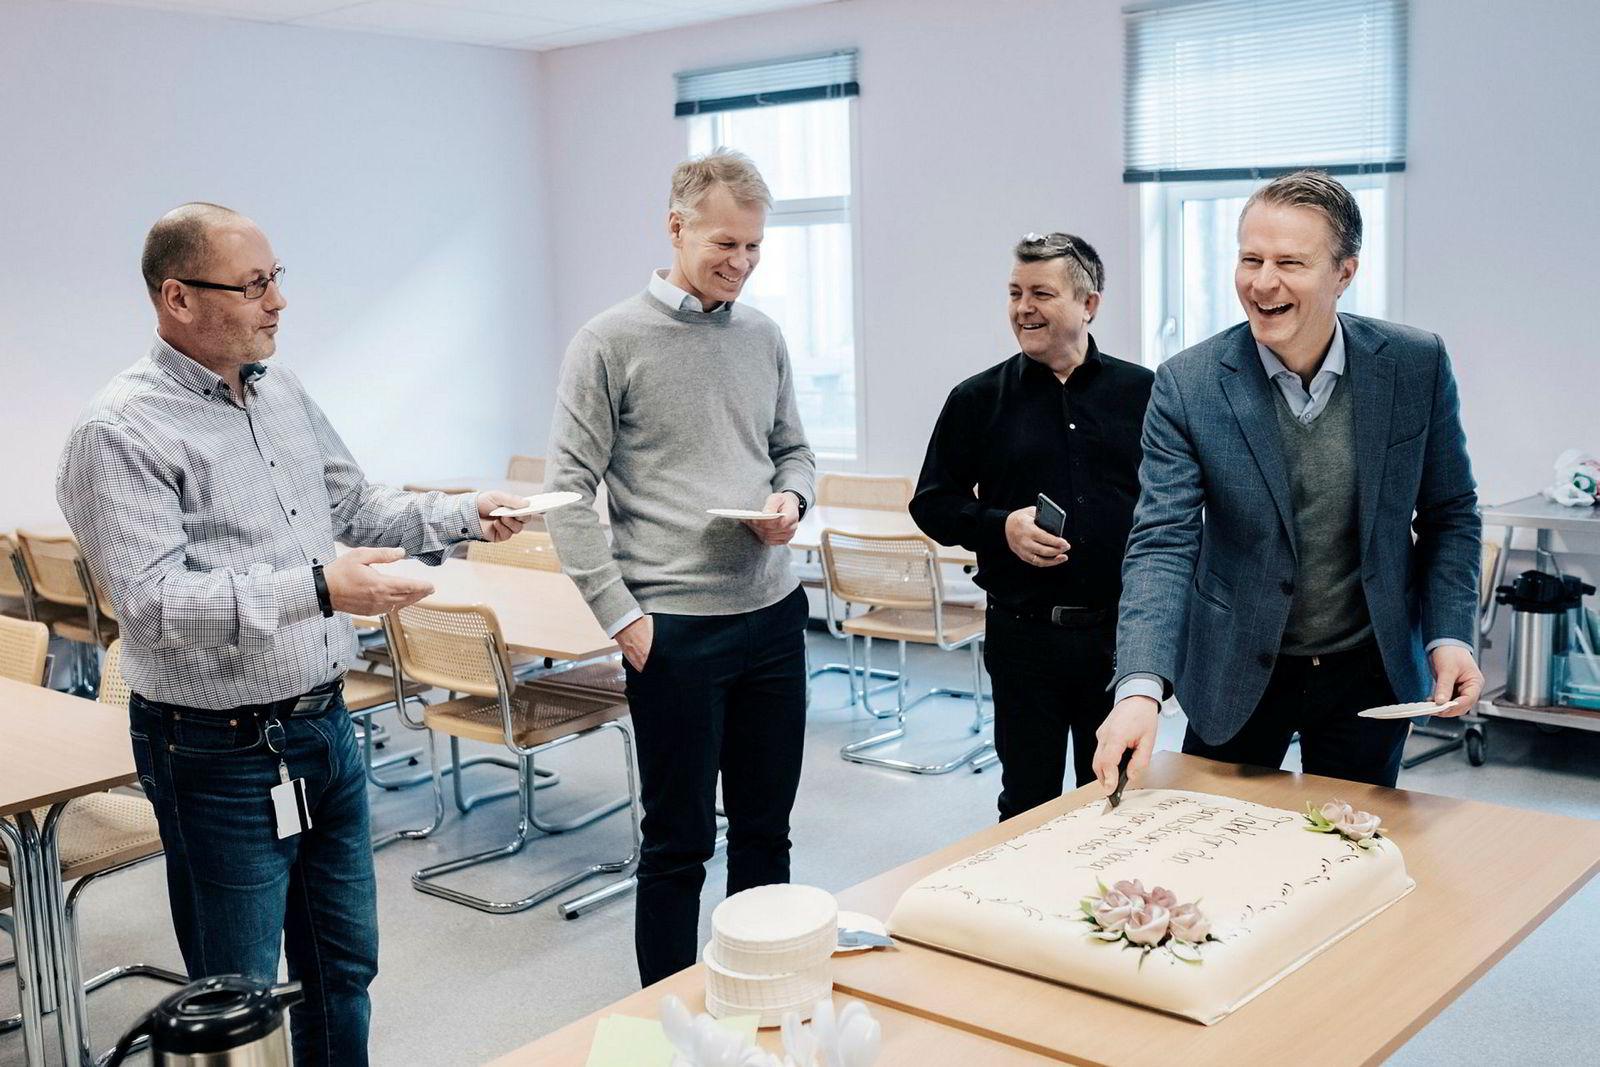 Westcontrol-sjef Leif Petter Skaar (til venstre) tar imot marsipankake fra Zaptec-styreleder Pål Selboe Valseth (til høyre) for å markere at 10.000 ladere er produsert. I midten står Zaptec-sjef Anders Thingbø og hovedeier Lars Helge Helvig (i svart).